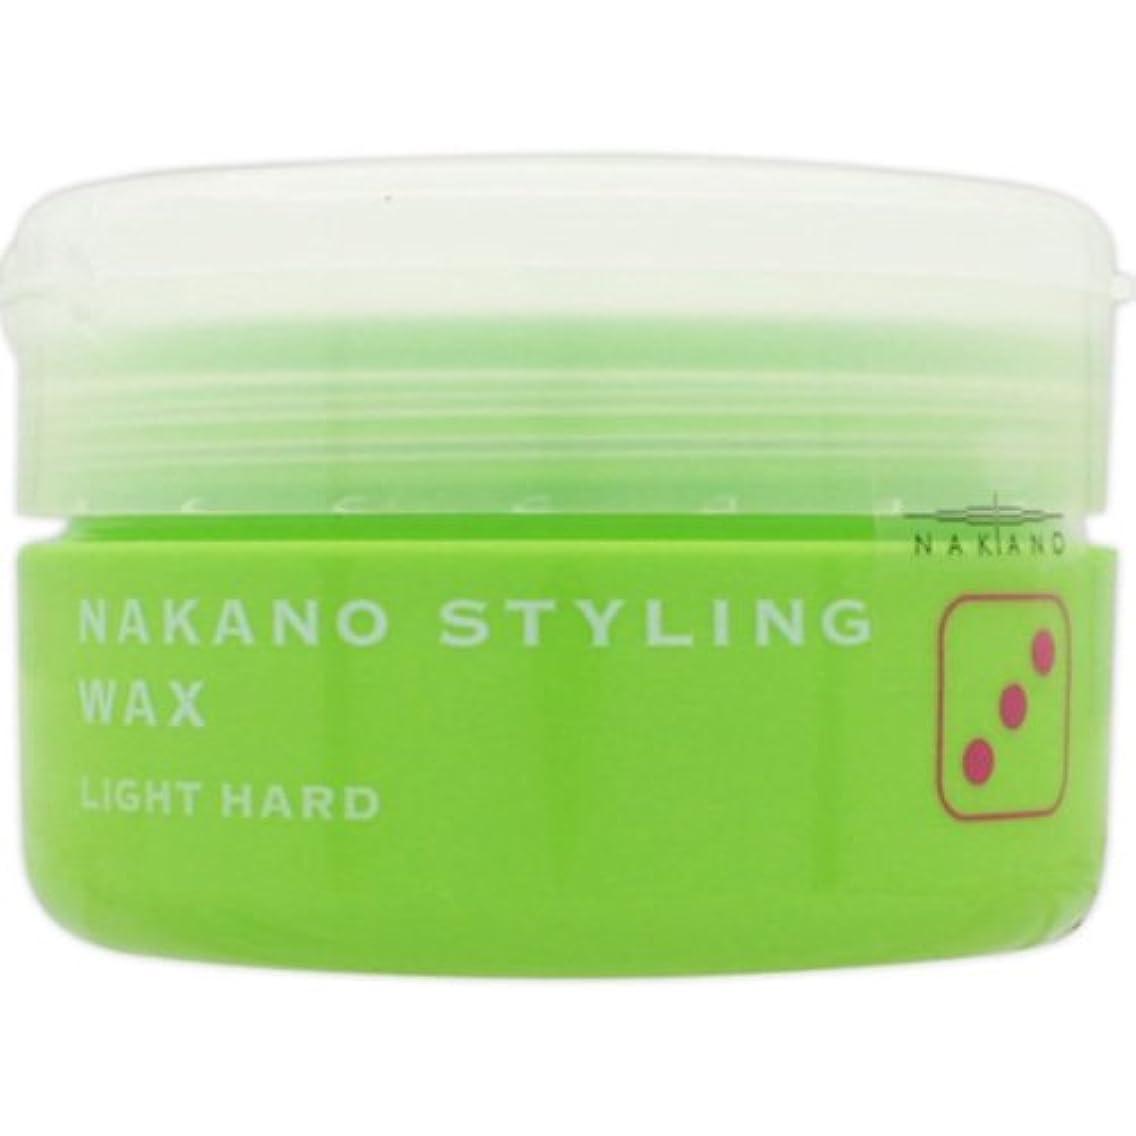 永久に努力する嵐ナカノ スタイリングワックス 3 ライトハード 90g 中野製薬 NAKANO